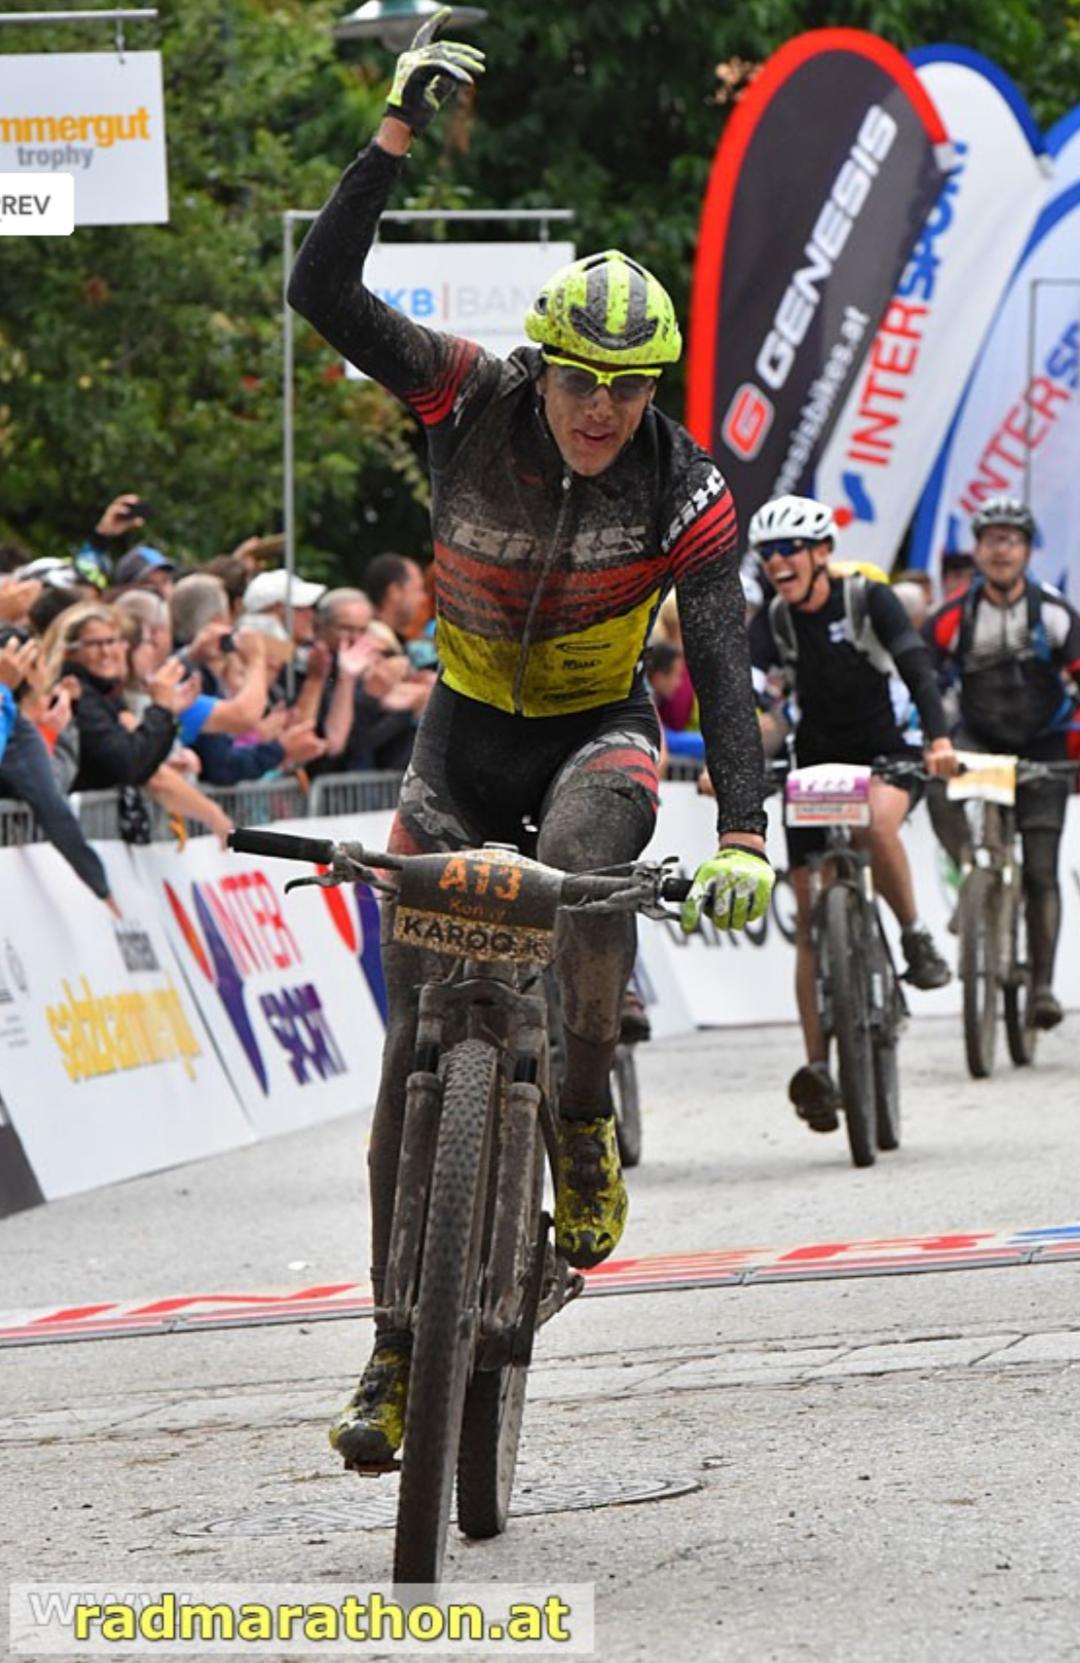 Sieg an der Salzkammergut Trophy! 210 Km & 7'150 Hm!